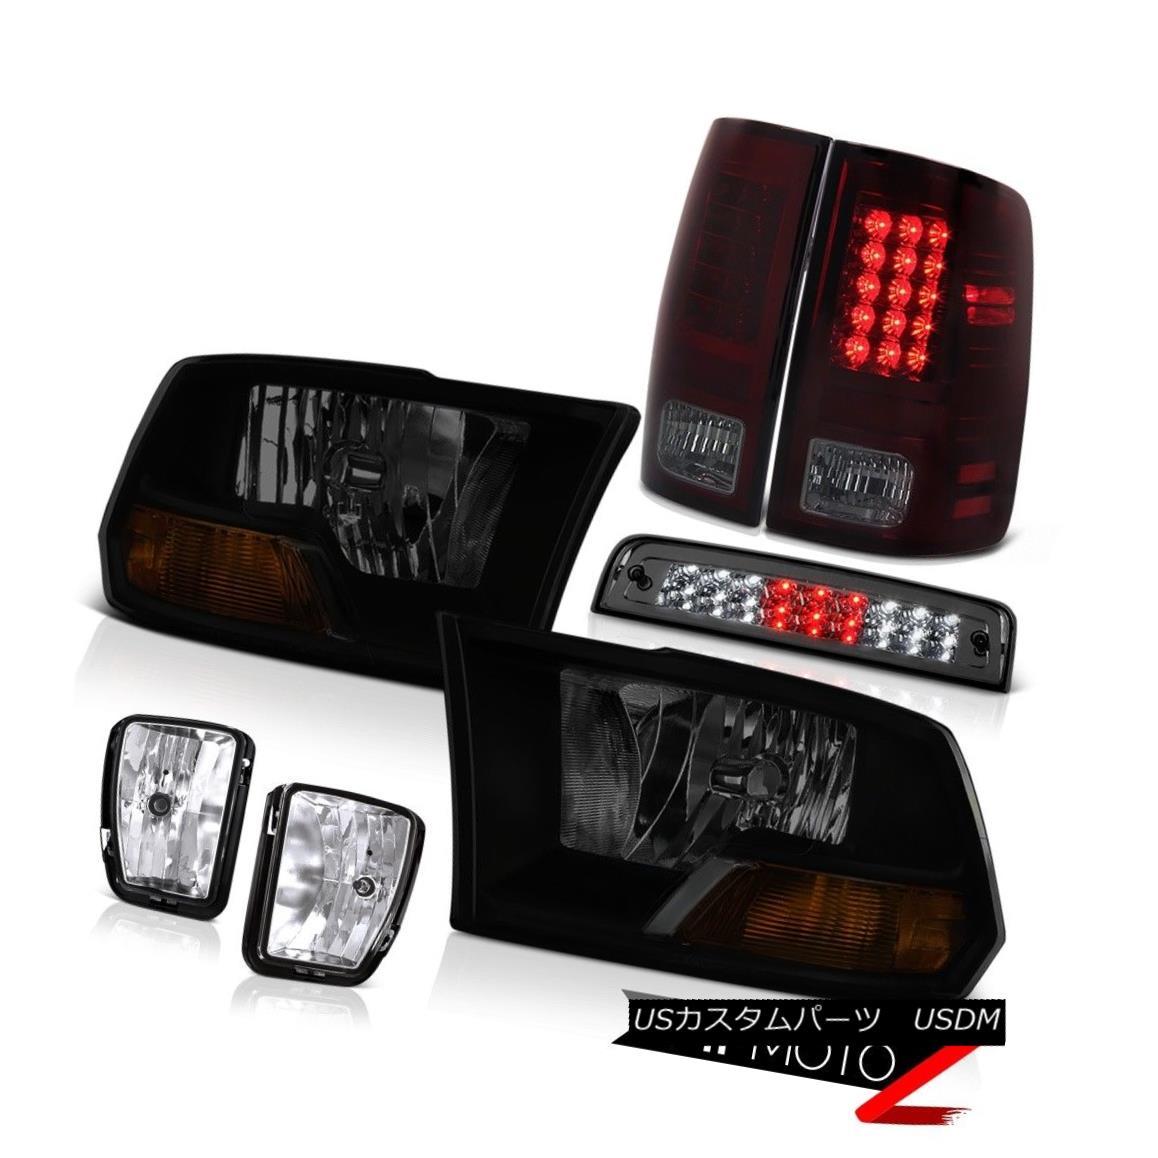 テールライト 2013-2018 Dodge Ram 1500 5.7L 3RD Brake Light Fog Lamps Tail Lights Headlamps 2013-2018 Dodge Ram 1500 5.7L 3RDブレーキライトフォグランプテールライトヘッドランプ